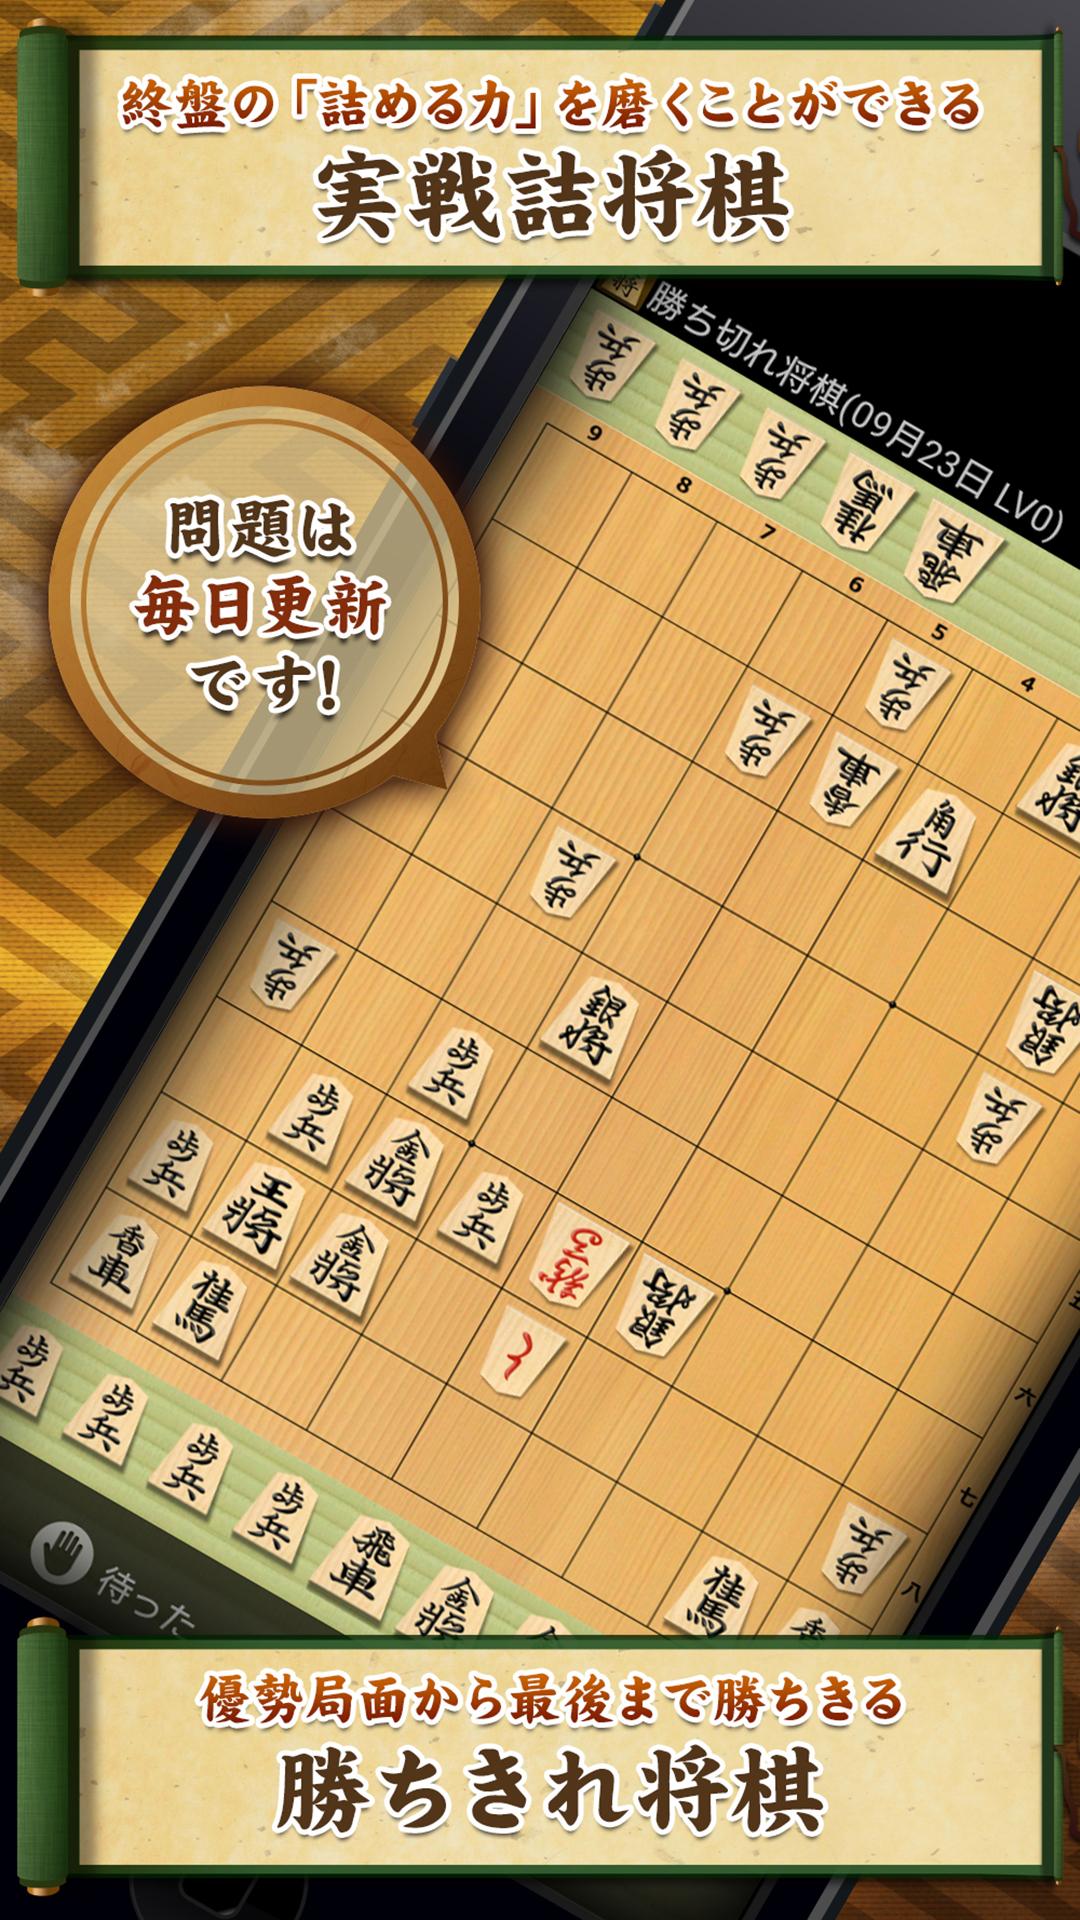 無料ゲーム将棋アプリ